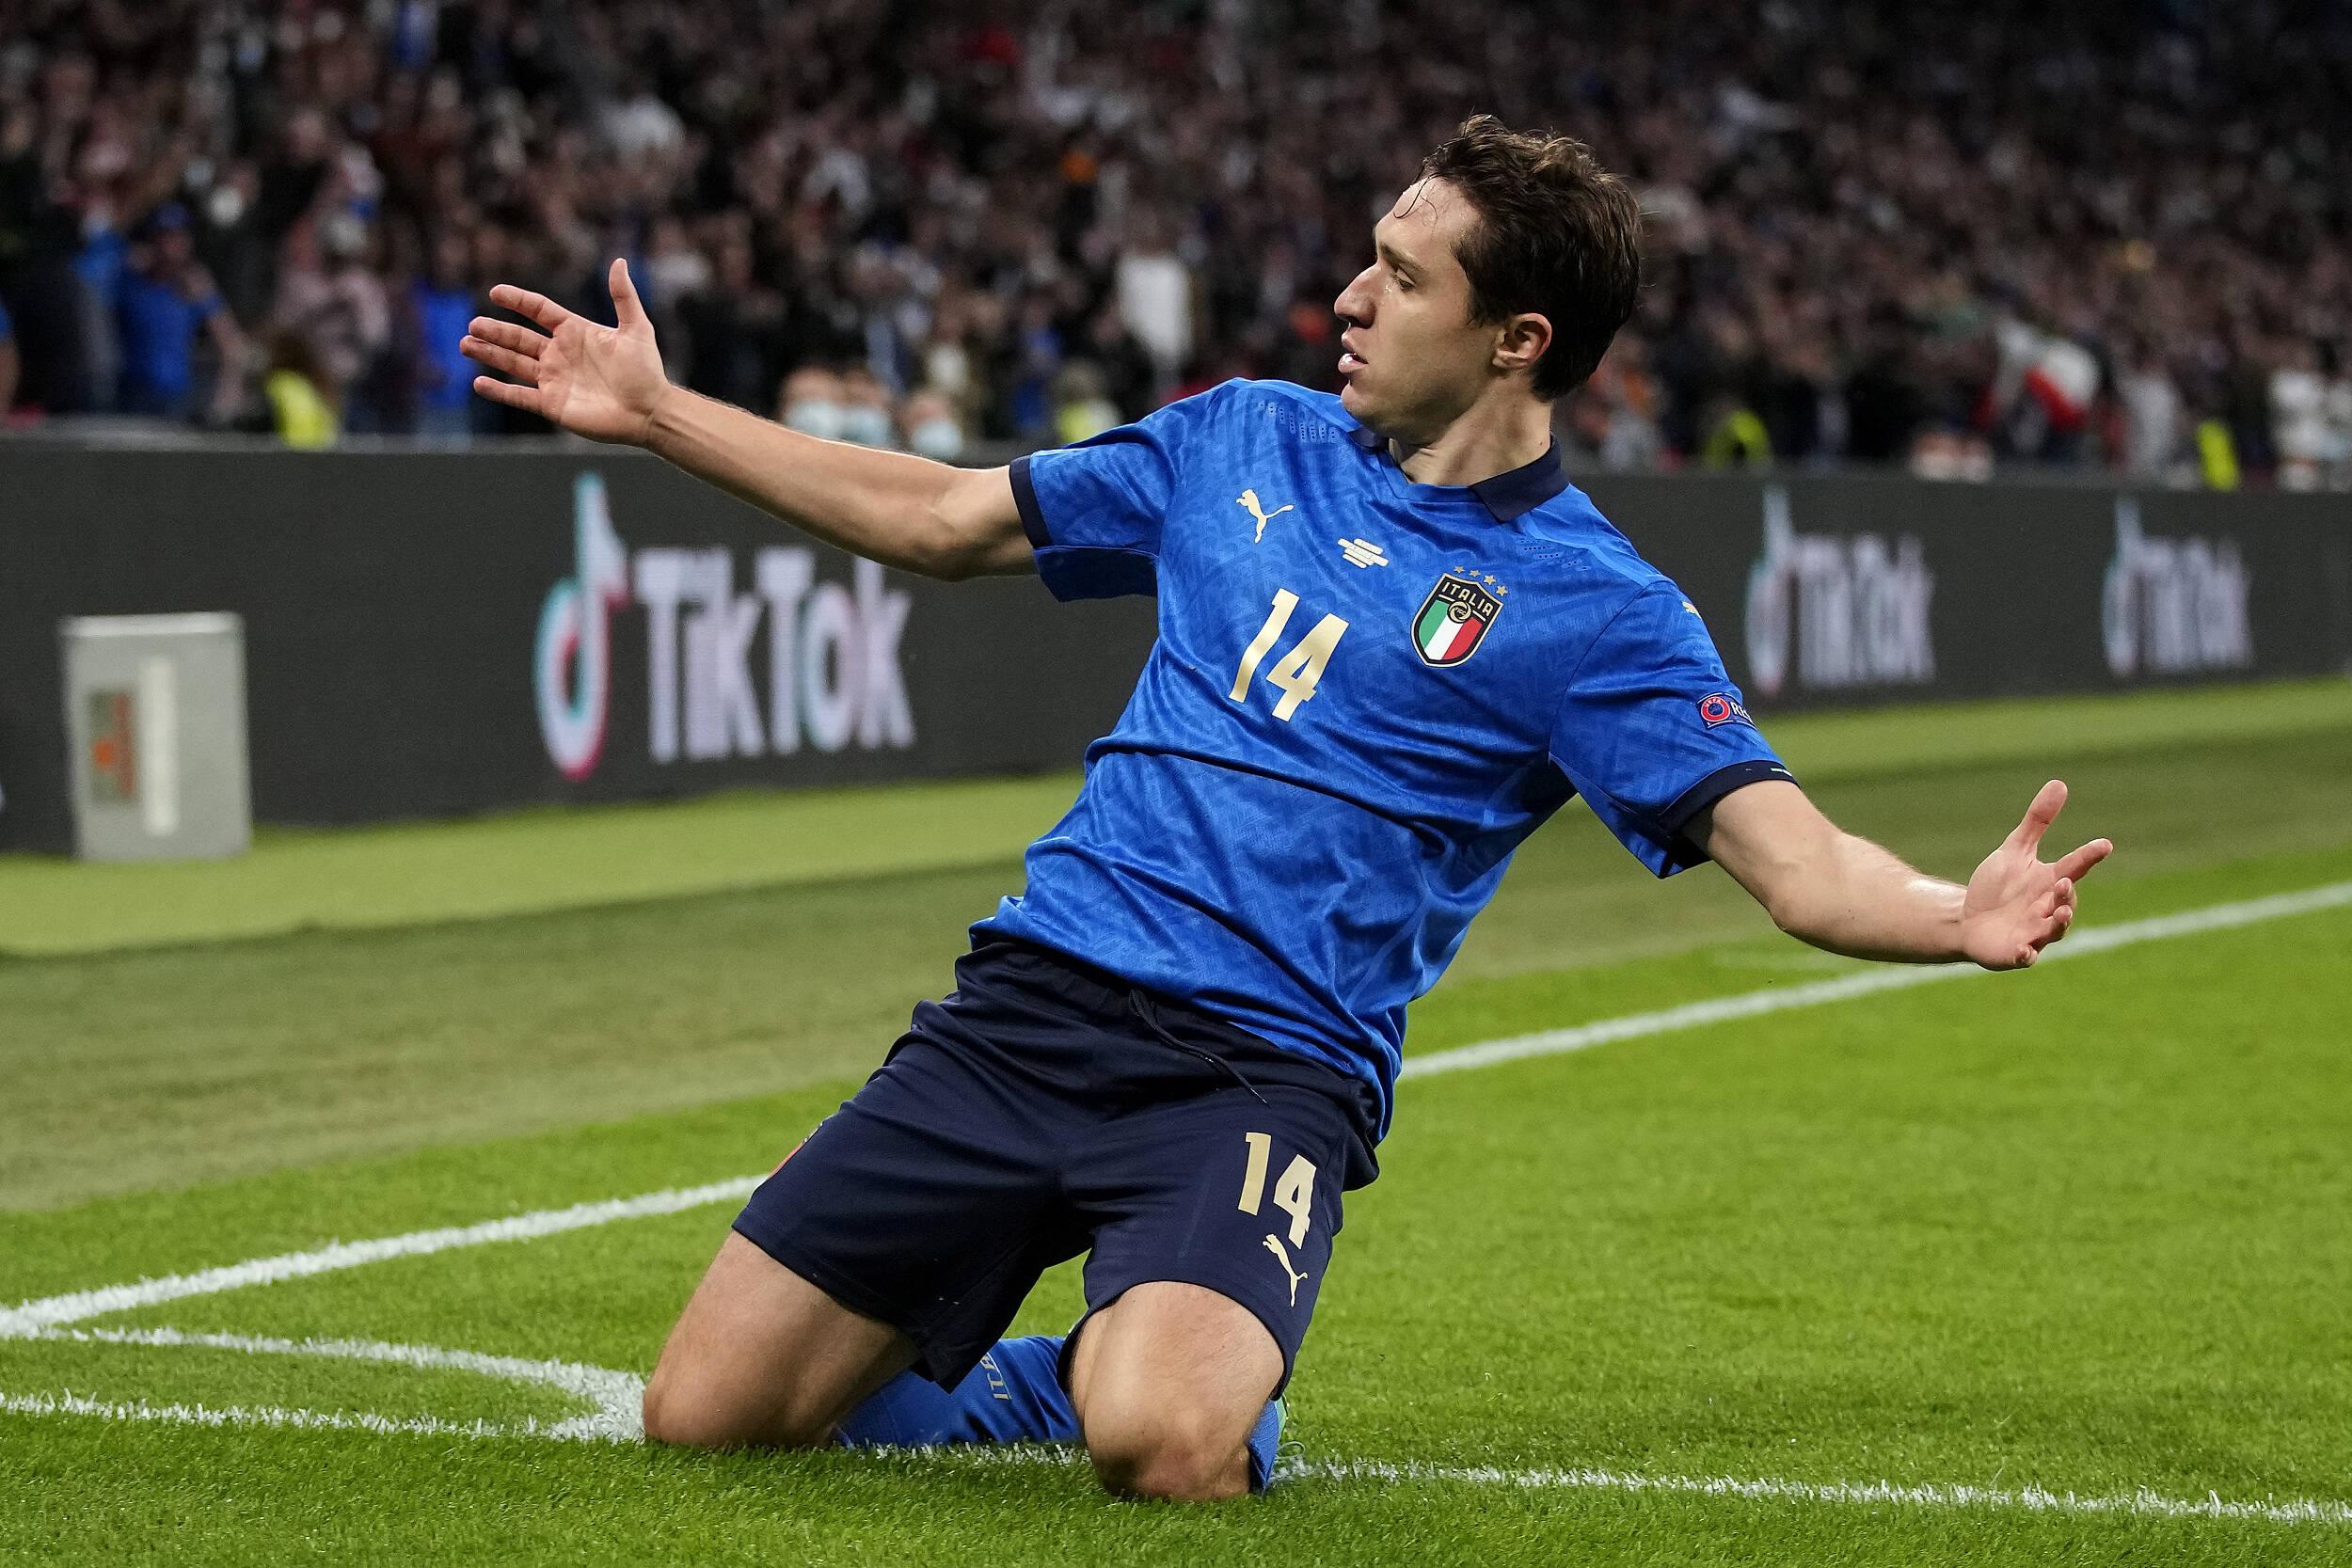 漫话欧洲杯丨虎父无犬子!小基耶萨打进欧洲杯第2球!超越父亲霸气庆祝